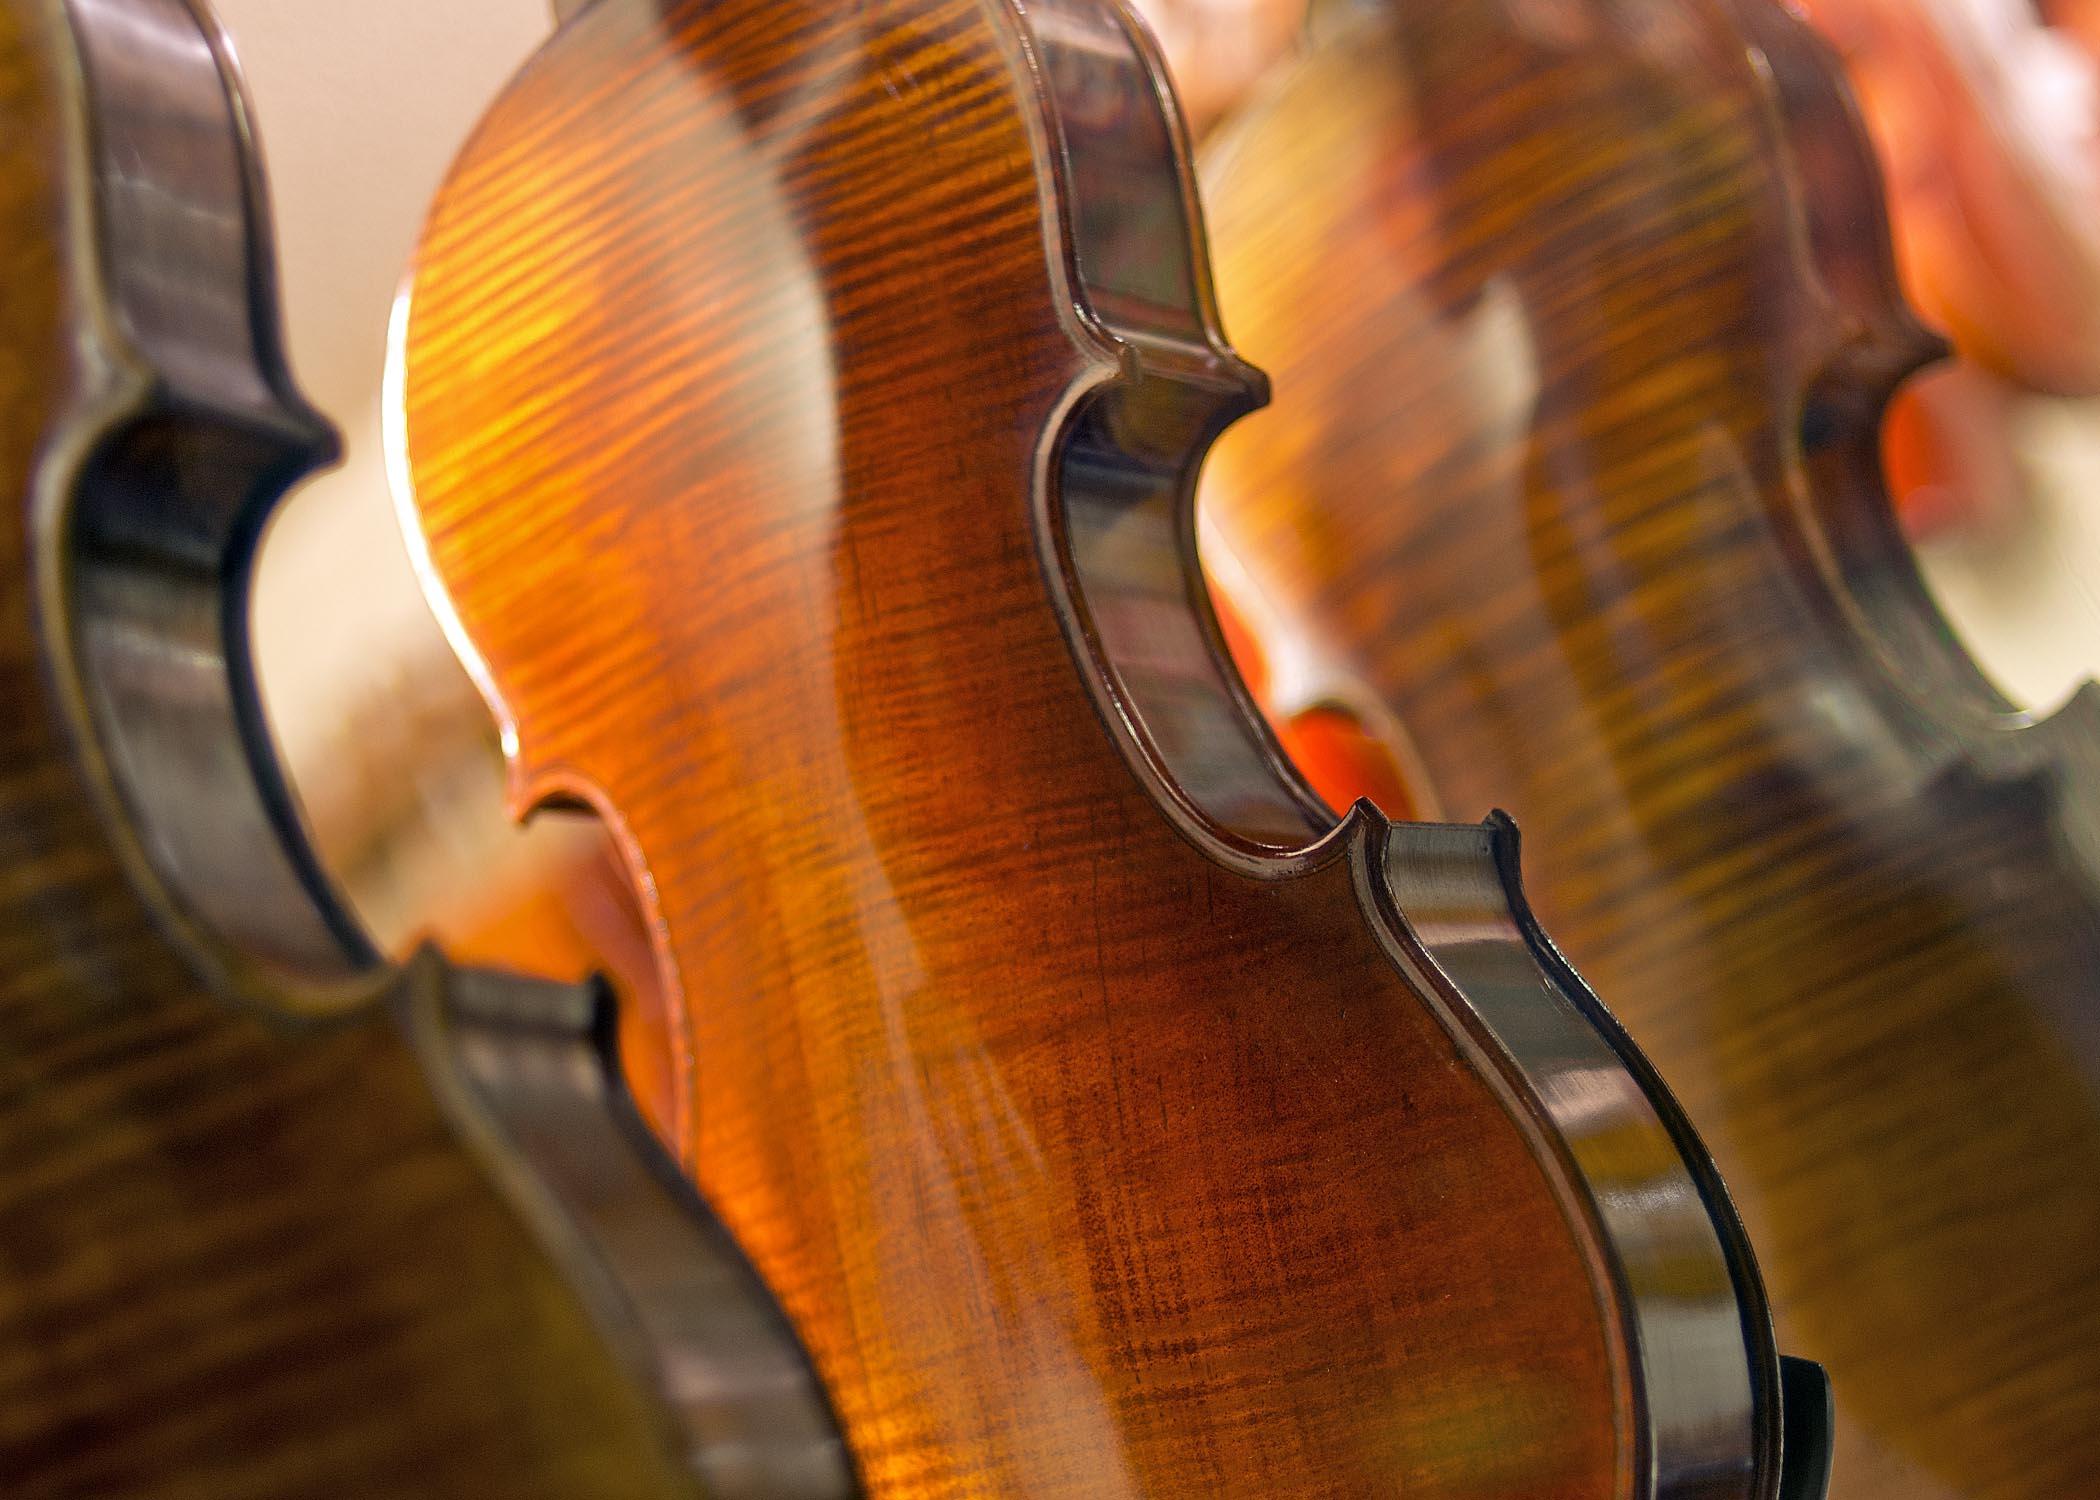 Violins_1939.jpg